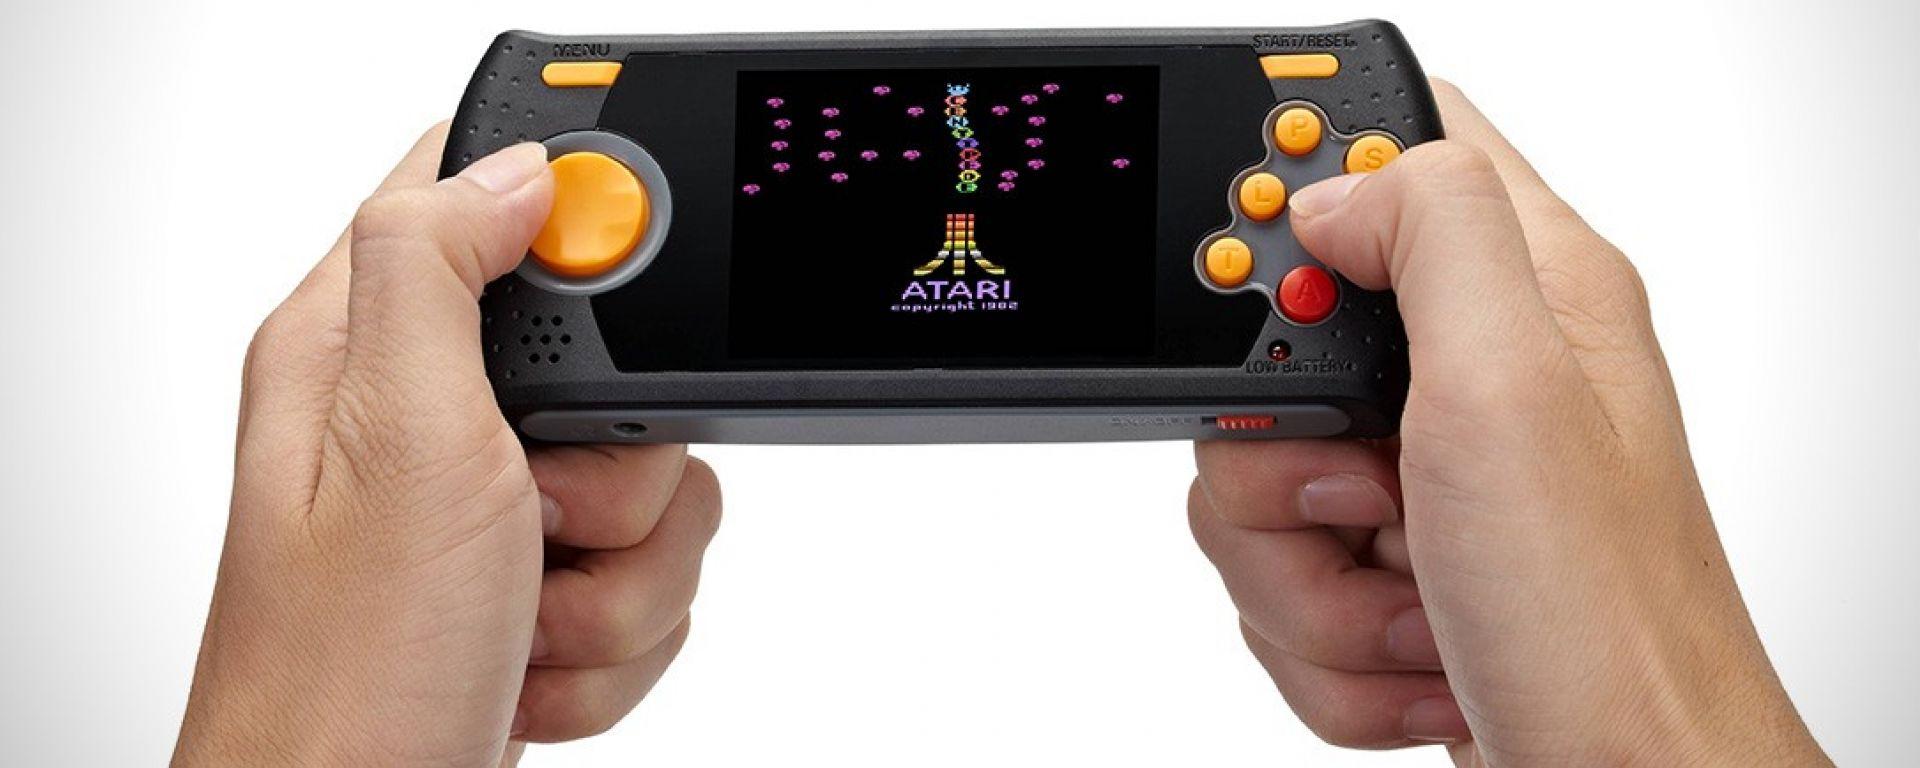 Atari Flashback Portable: da Atgames la console portatile per i retro-gamers